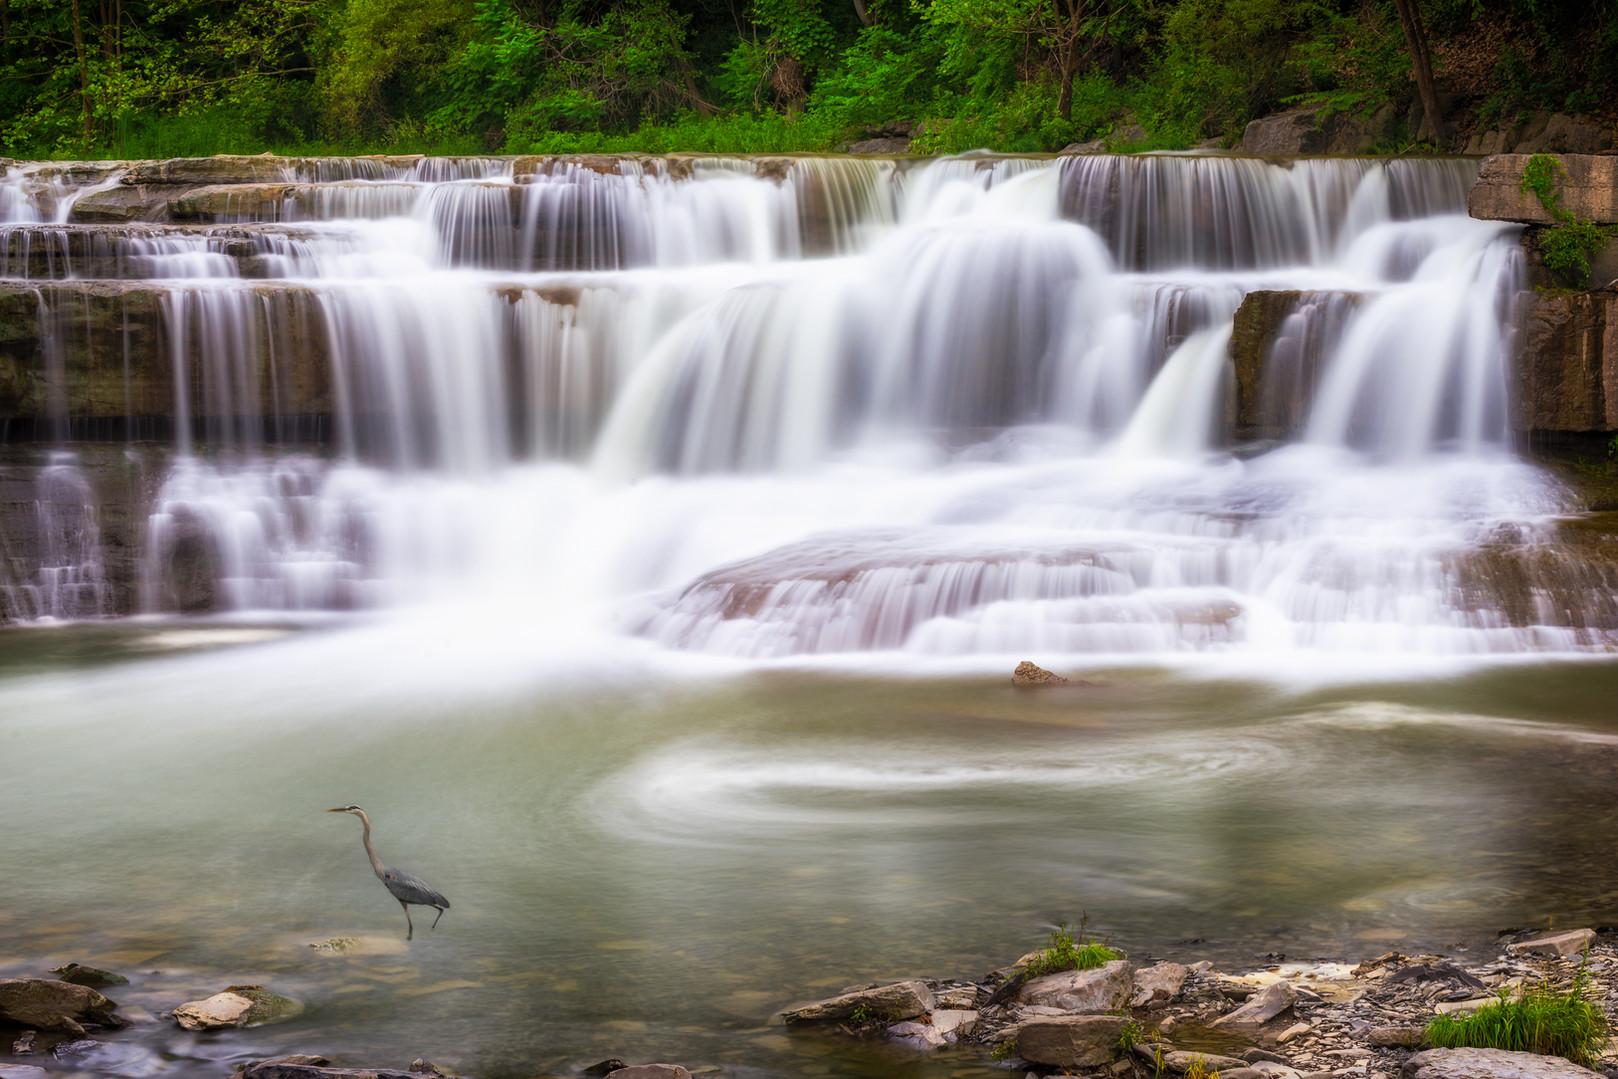 Lower Taughannock Falls